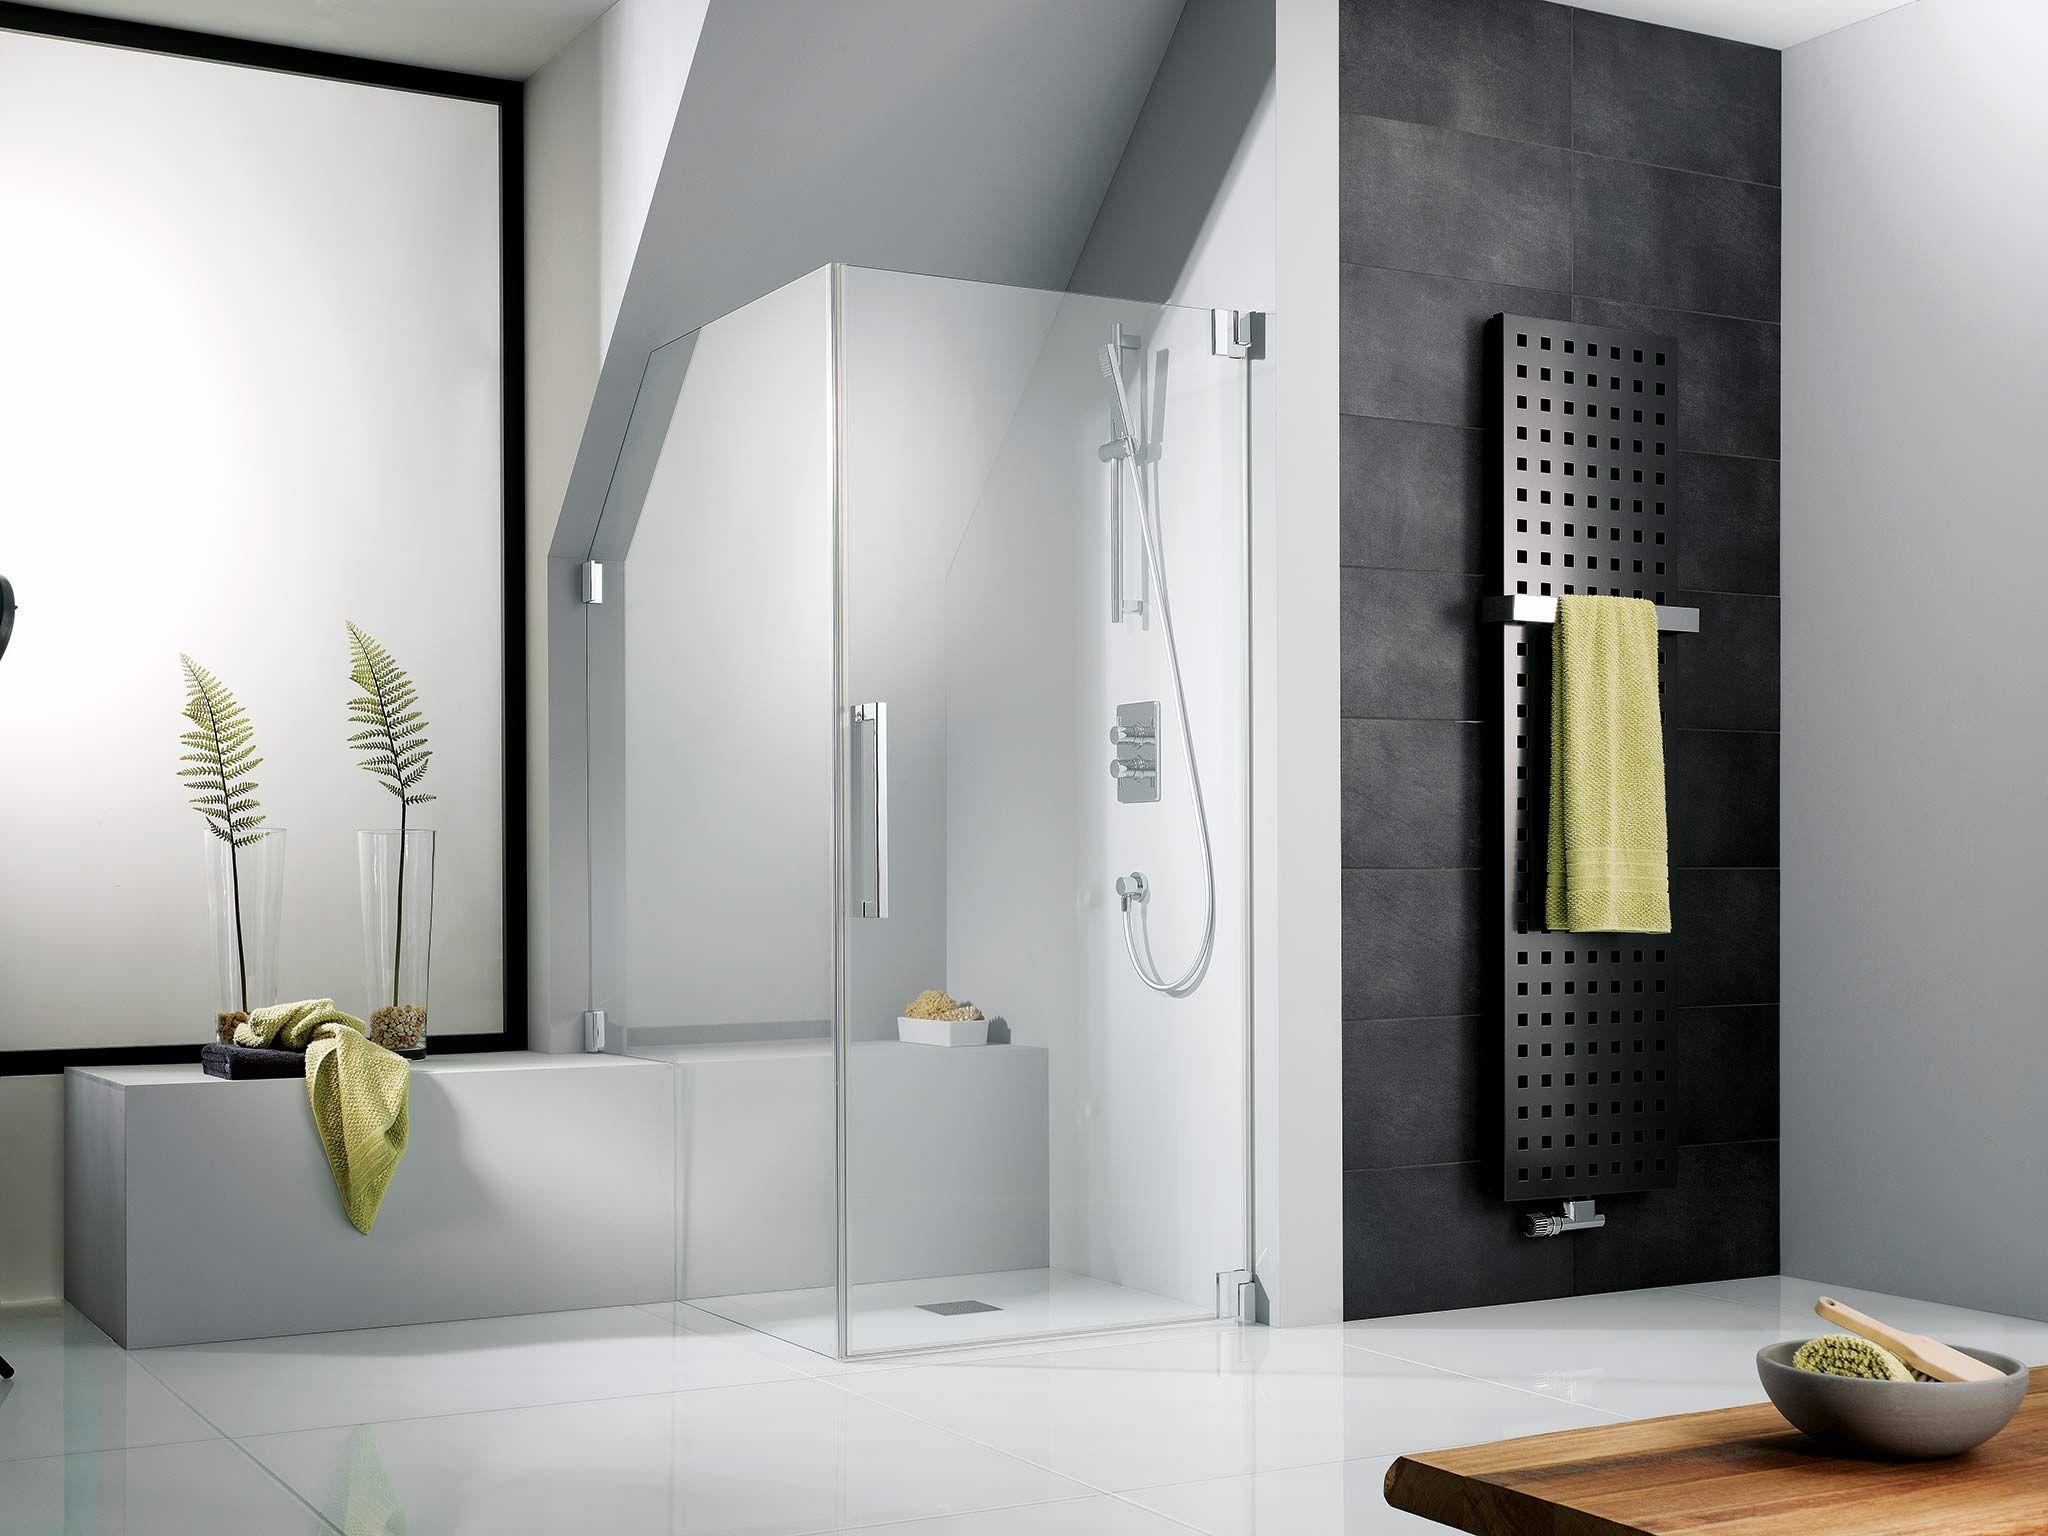 Duschkabine Glas HSK kreiert edle Duschen aus Echtglas in